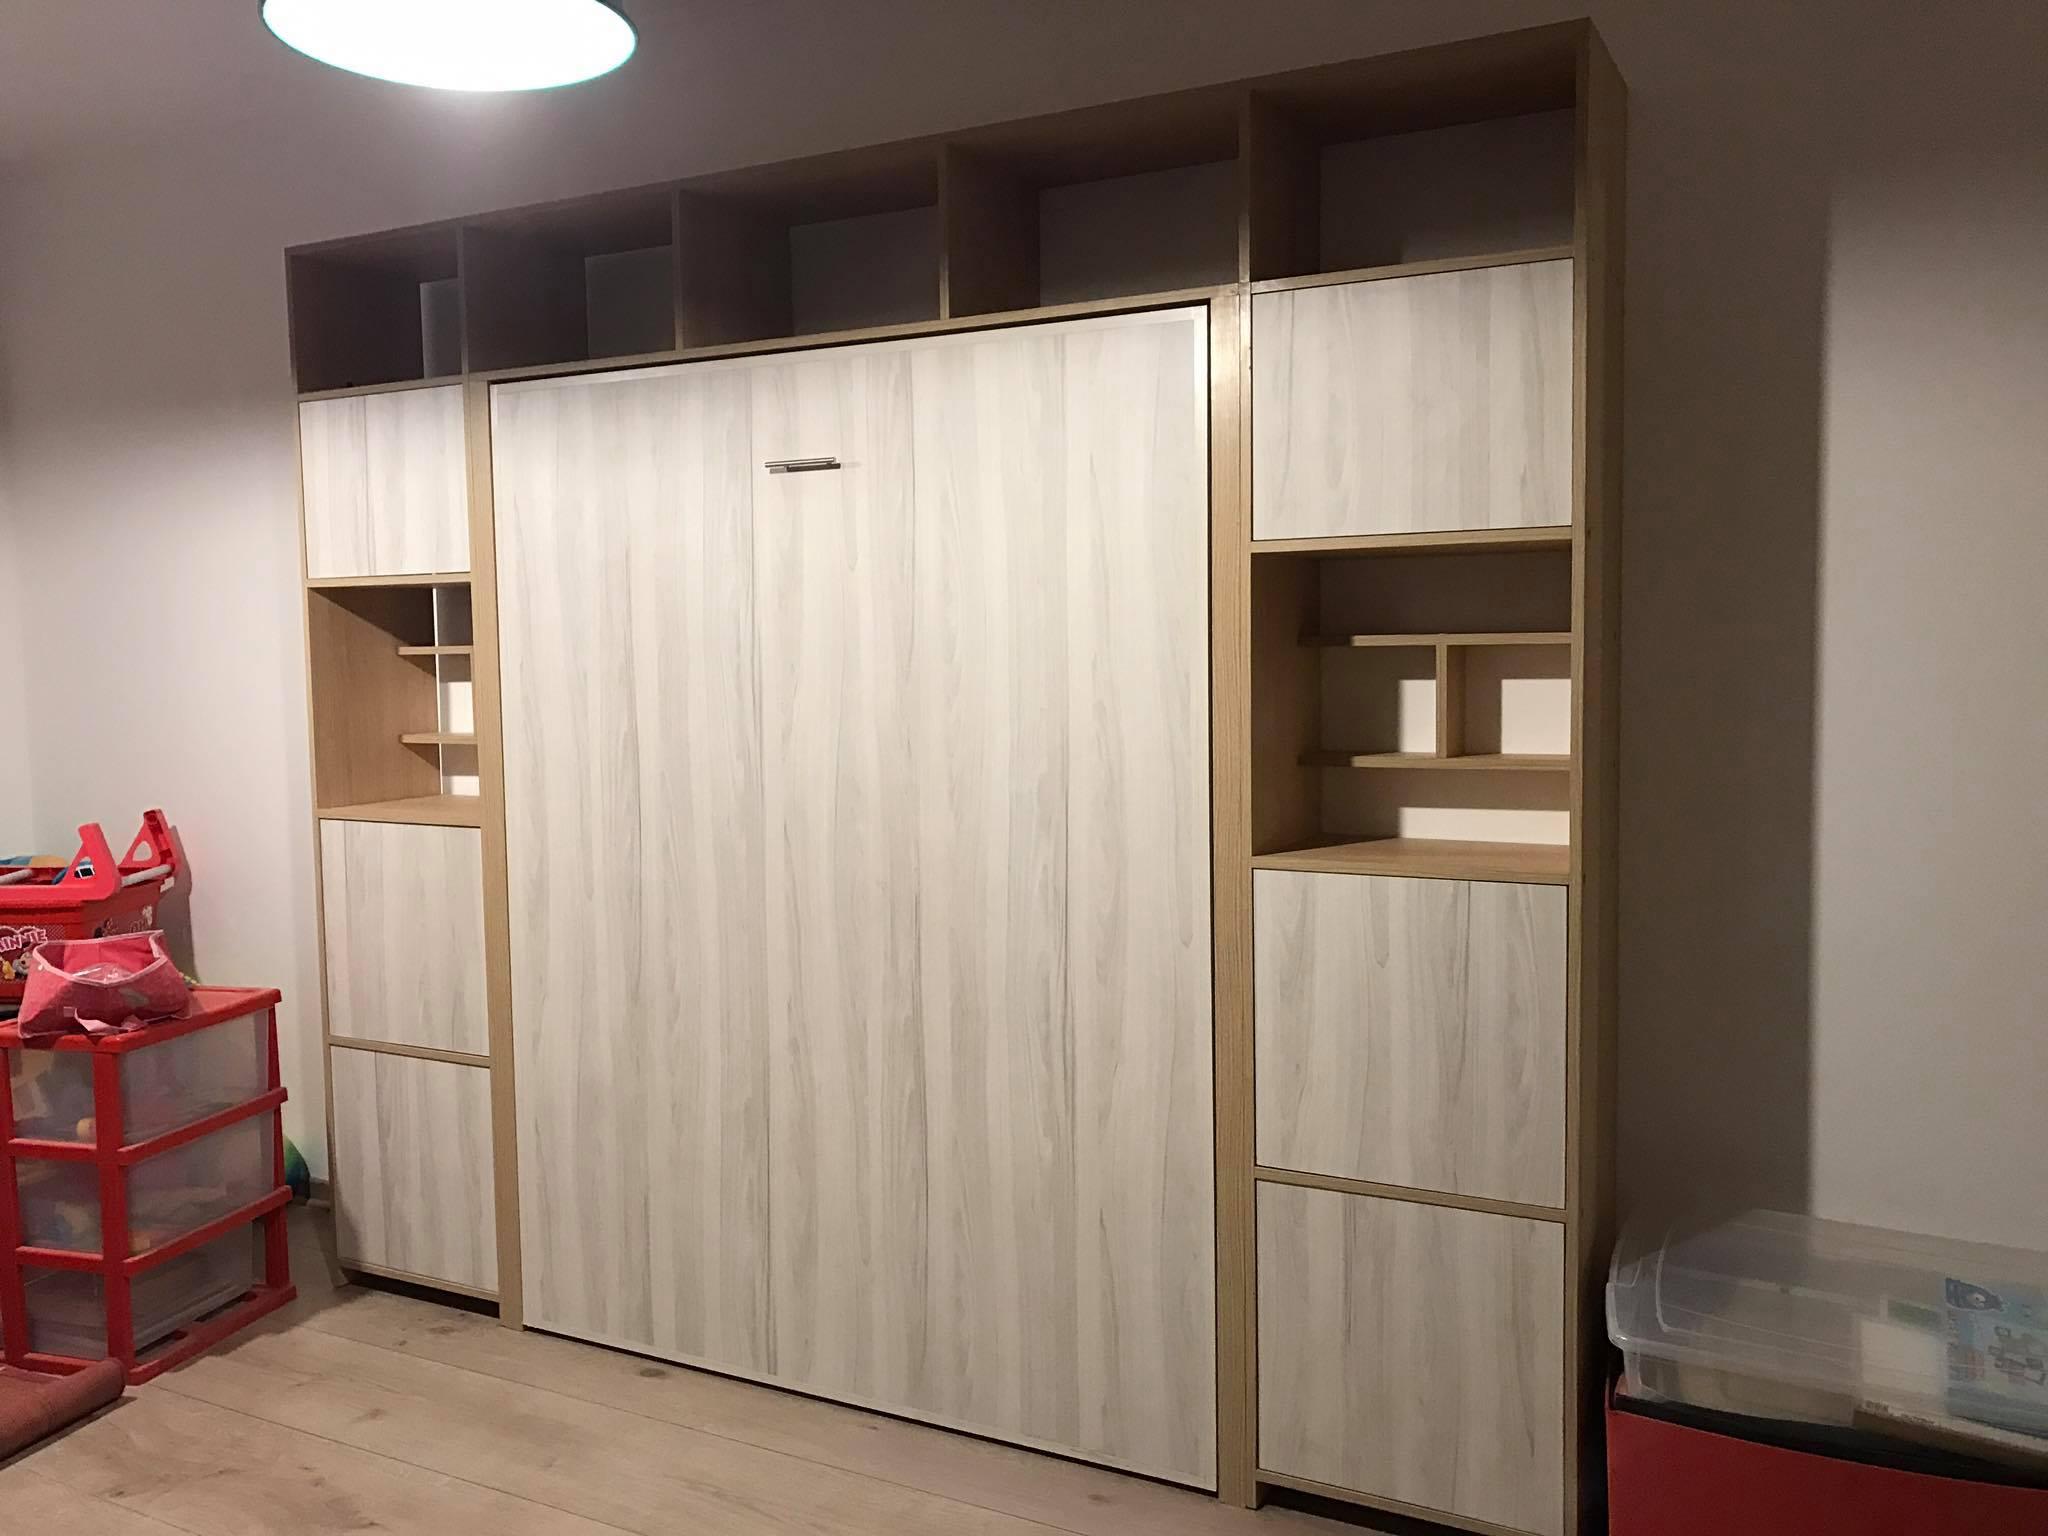 Kamasypetacas_camasplegables_dormitorio (207)